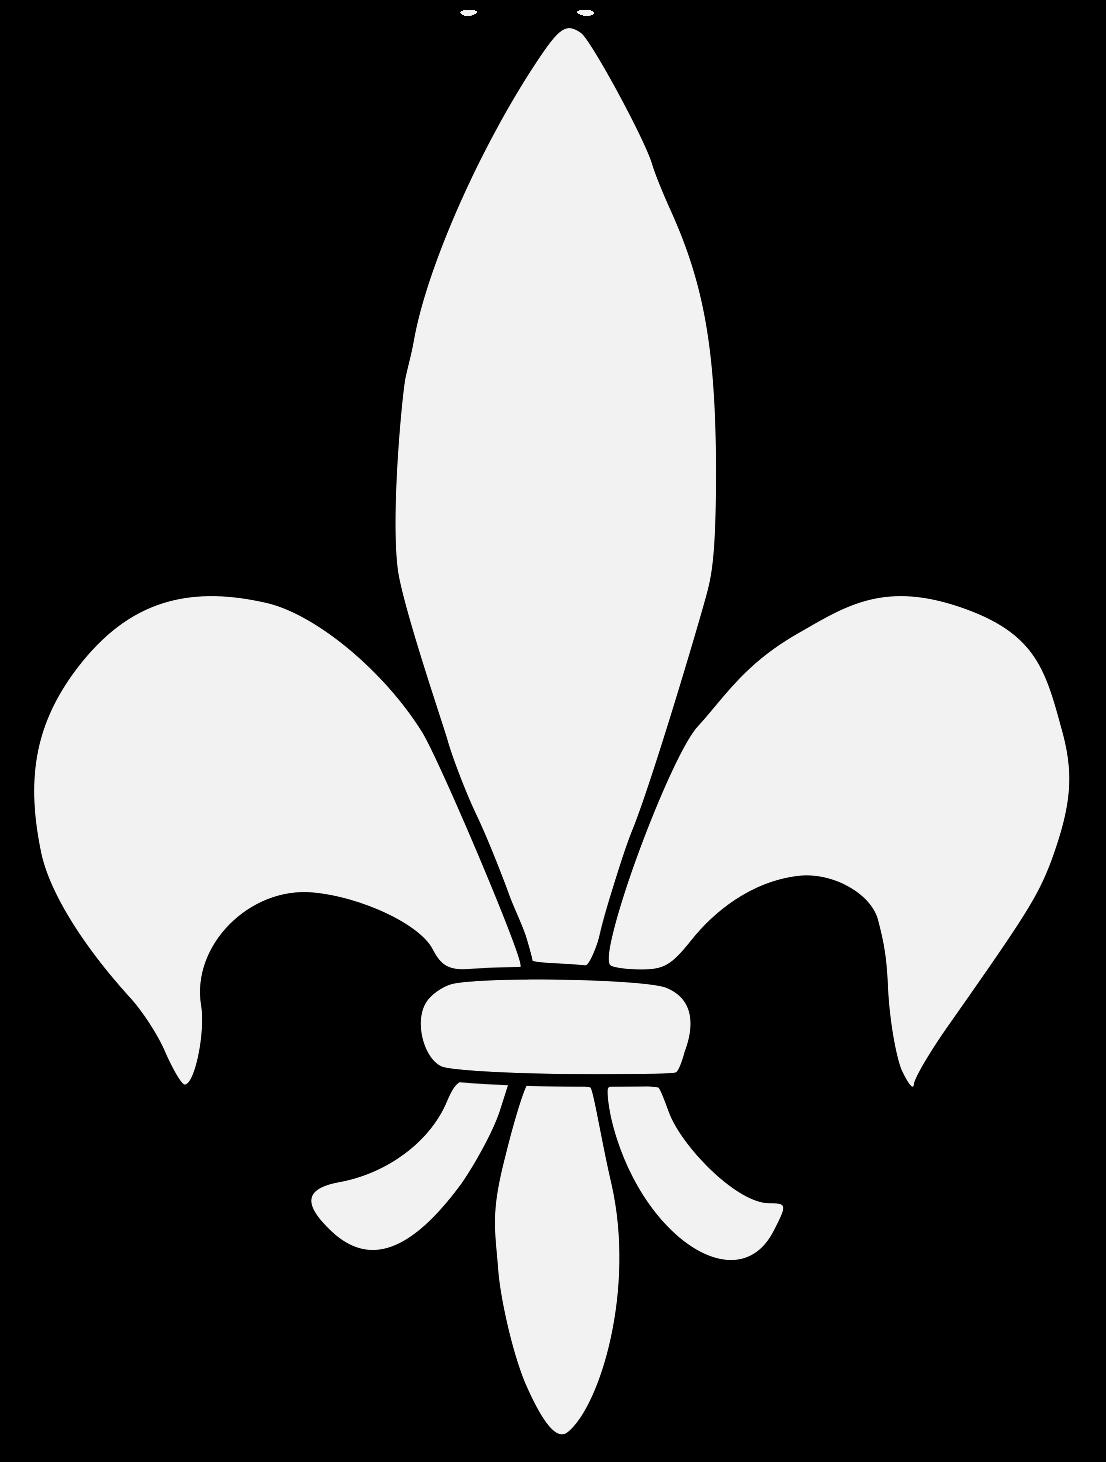 Fleur de Lys - Traceable Heraldic Art